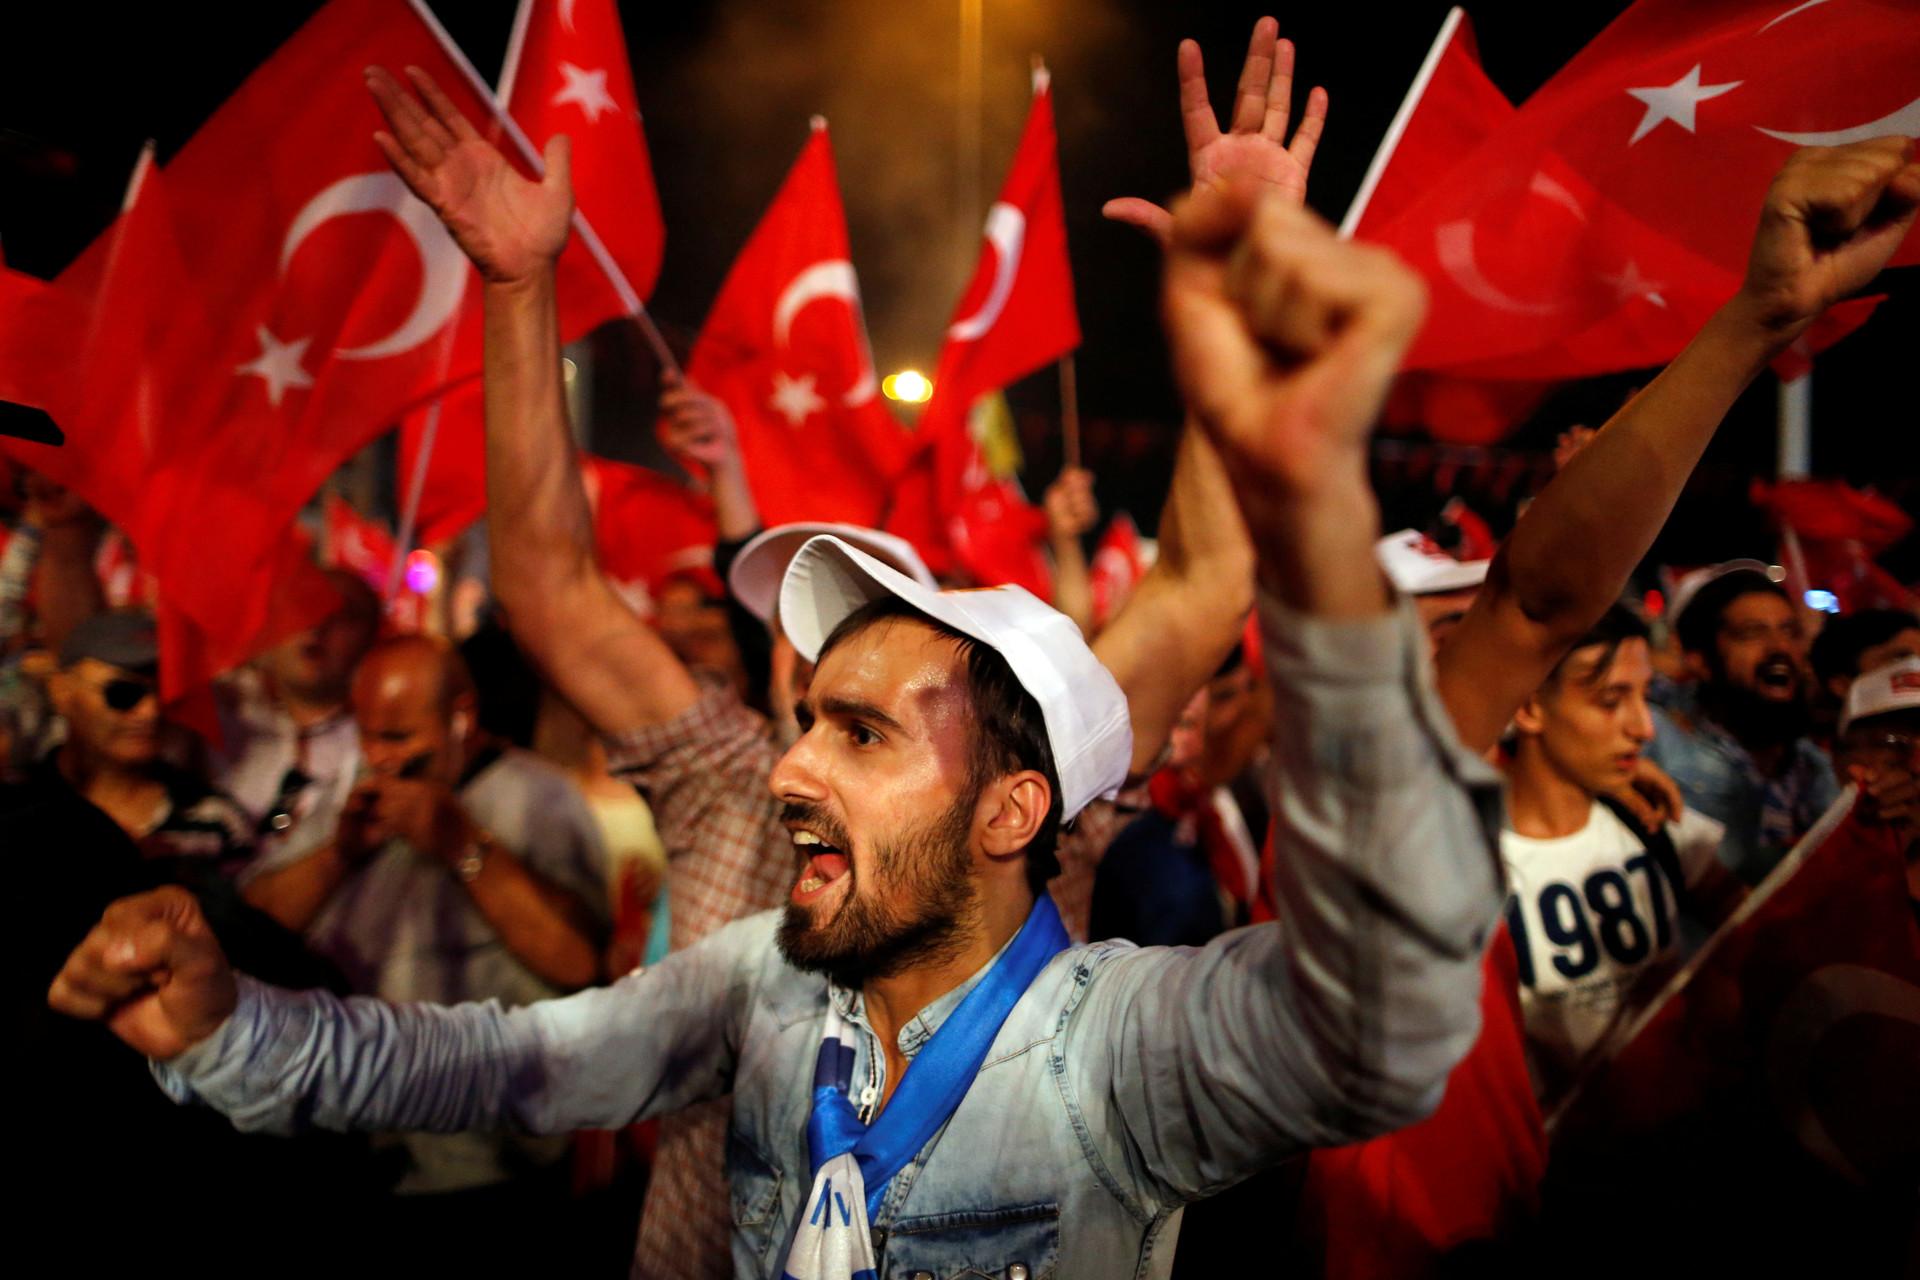 Partidarios del presidente turco Recep Tayyip Erdogan durante una manifestación progubernamental en la plaza Taksim (Estambul, Turquía), el 20 de julio de 2016.